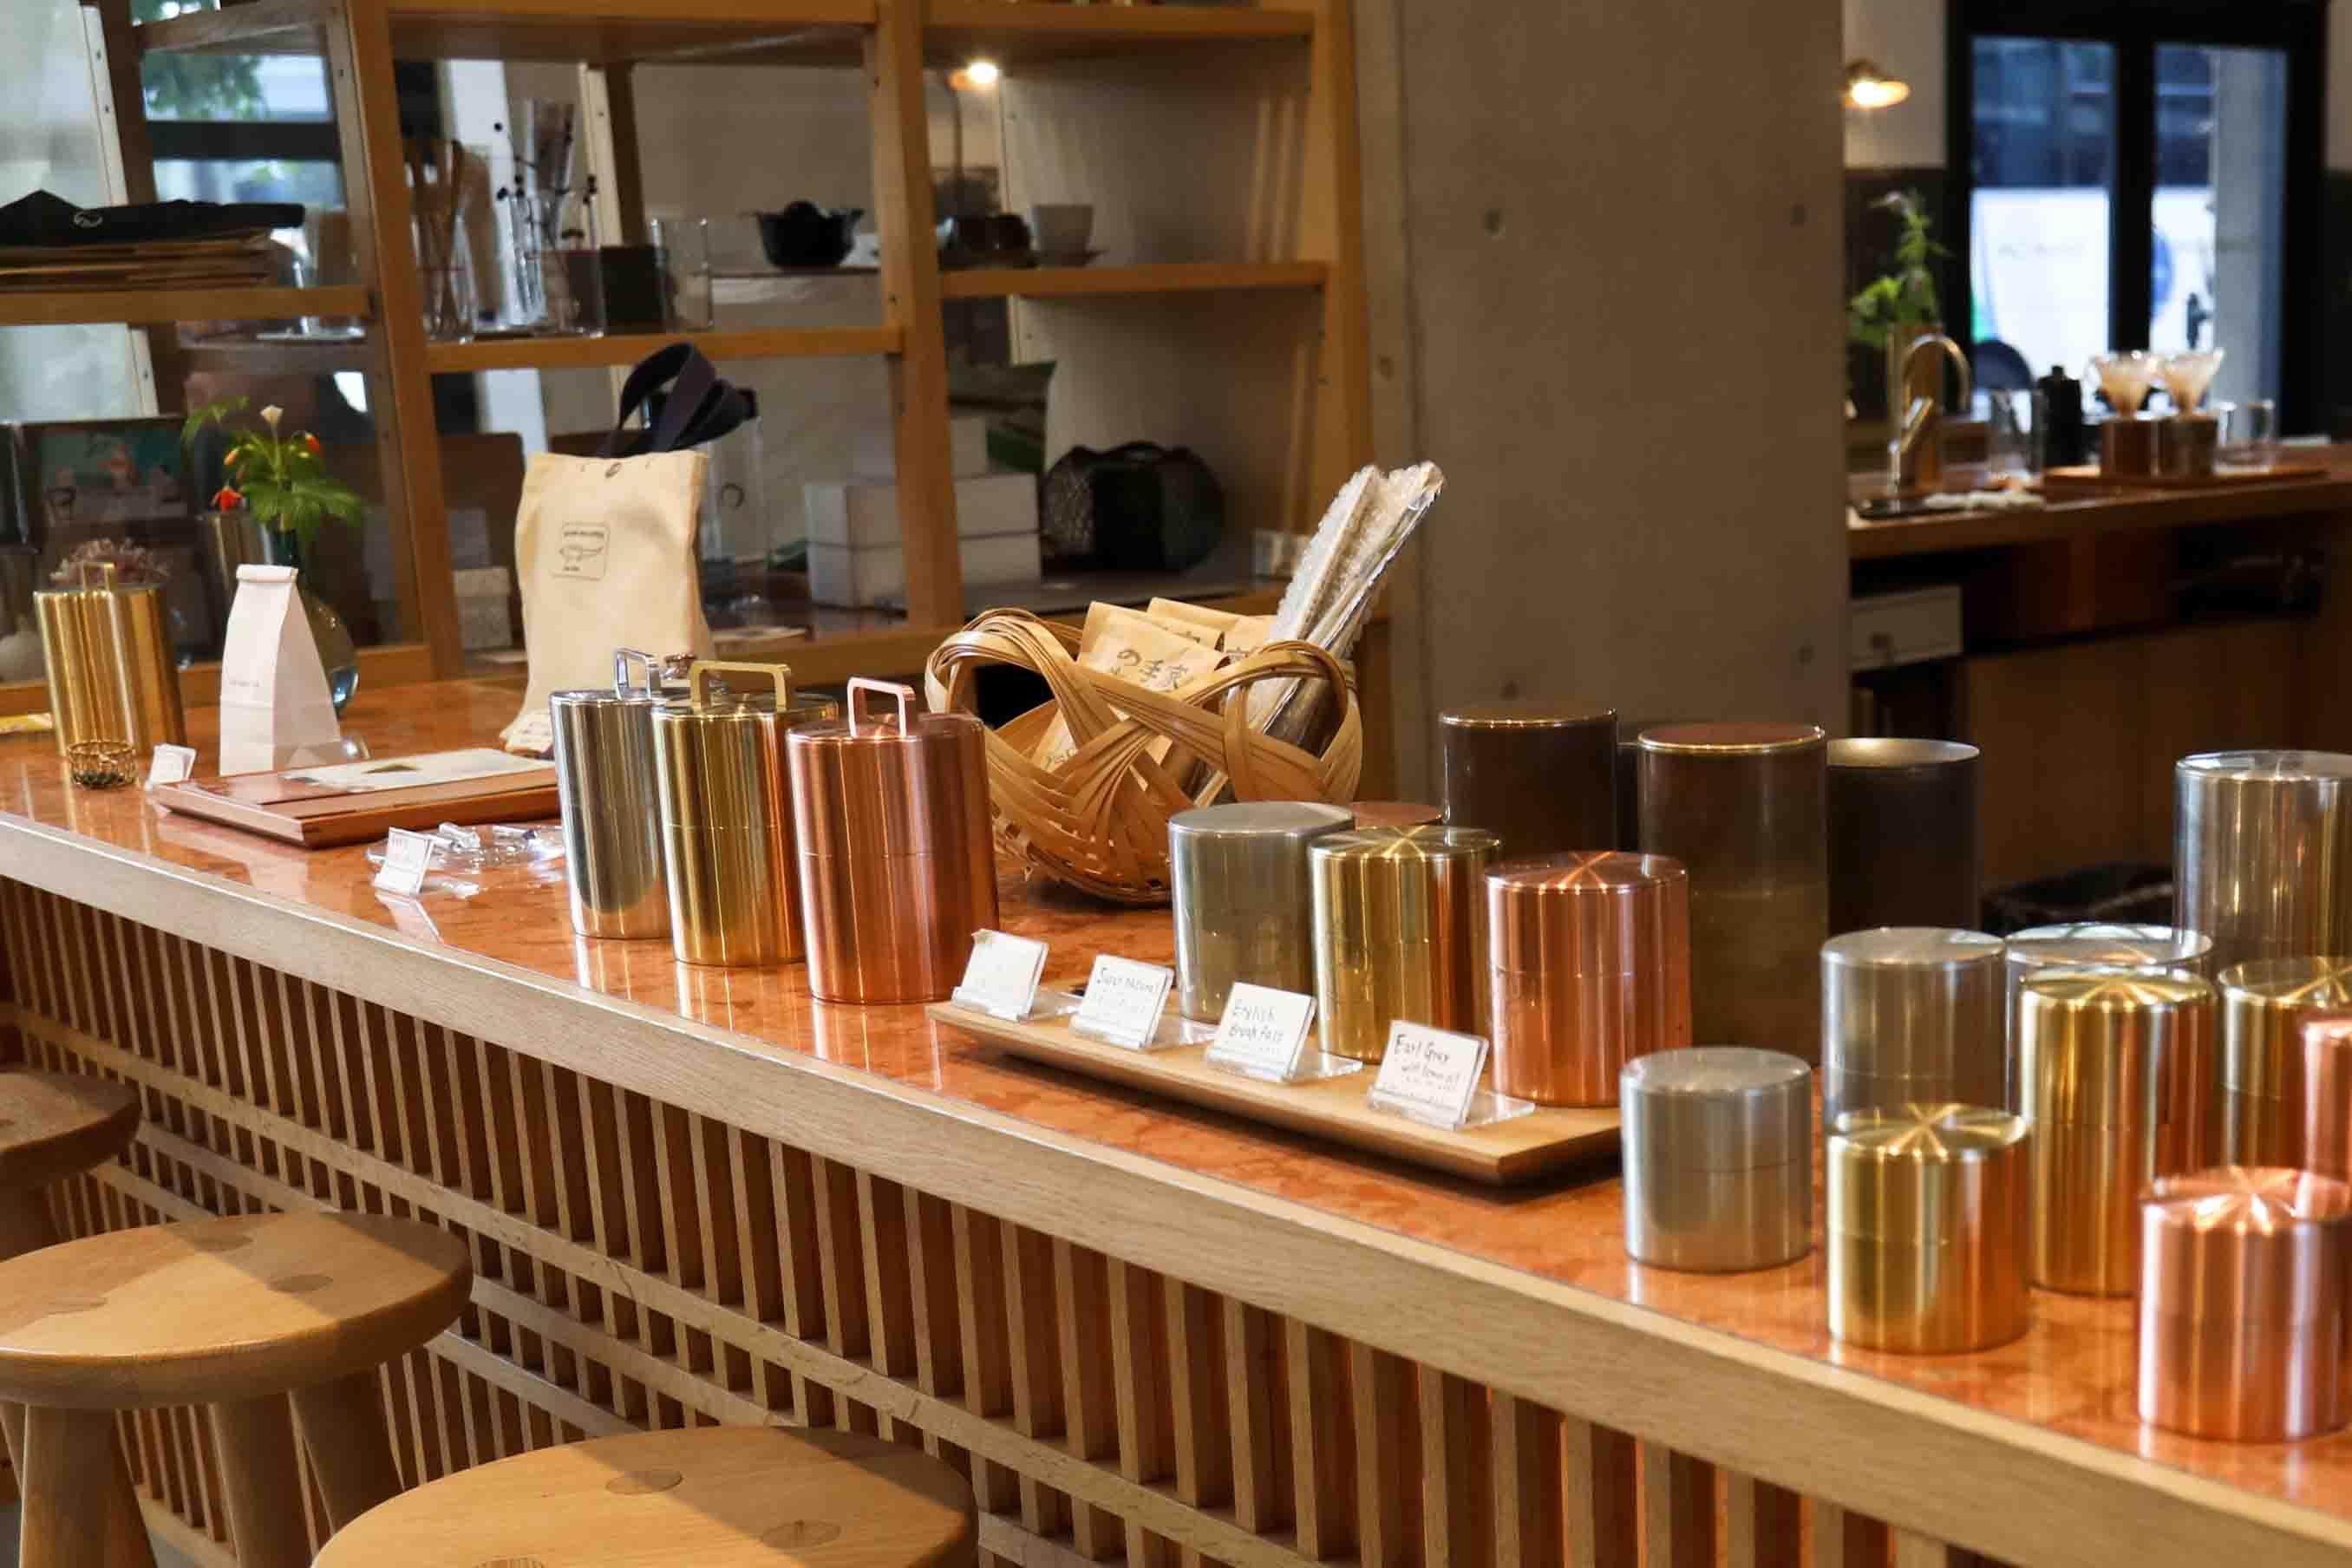 茶筒をはじめ、店内で使われているカップやカトラリー、コーヒーや茶葉などが購入できるのも嬉しいところ